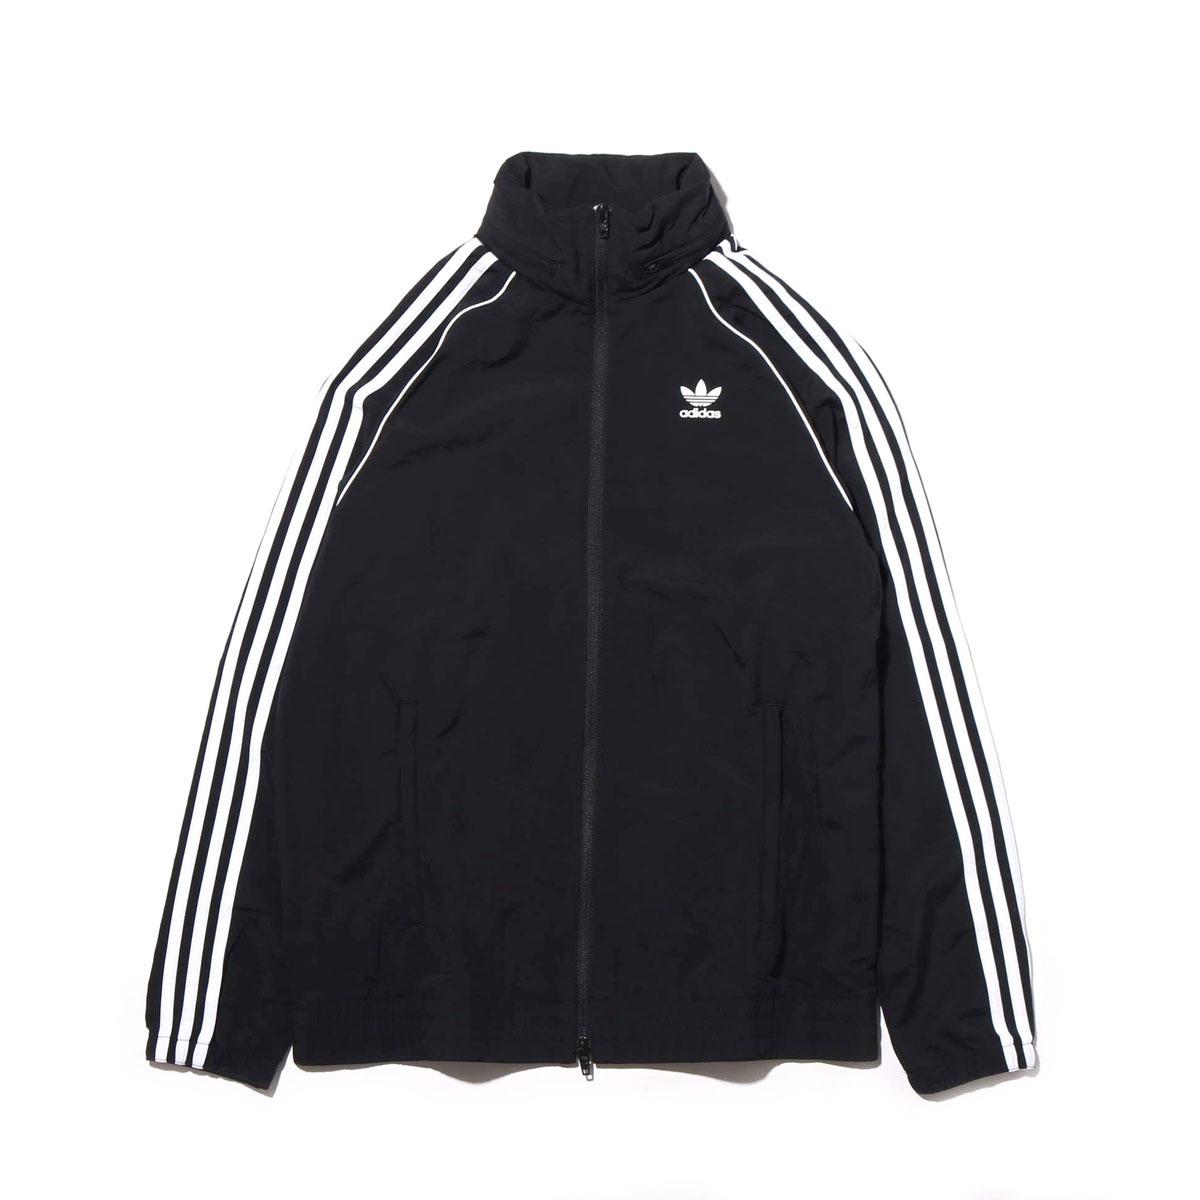 adidas Originals SST WINDBREAKER(アディダス オリジナルス SSTウインドブレーカー)BLACK【メンズ ジャケット】18FW-I